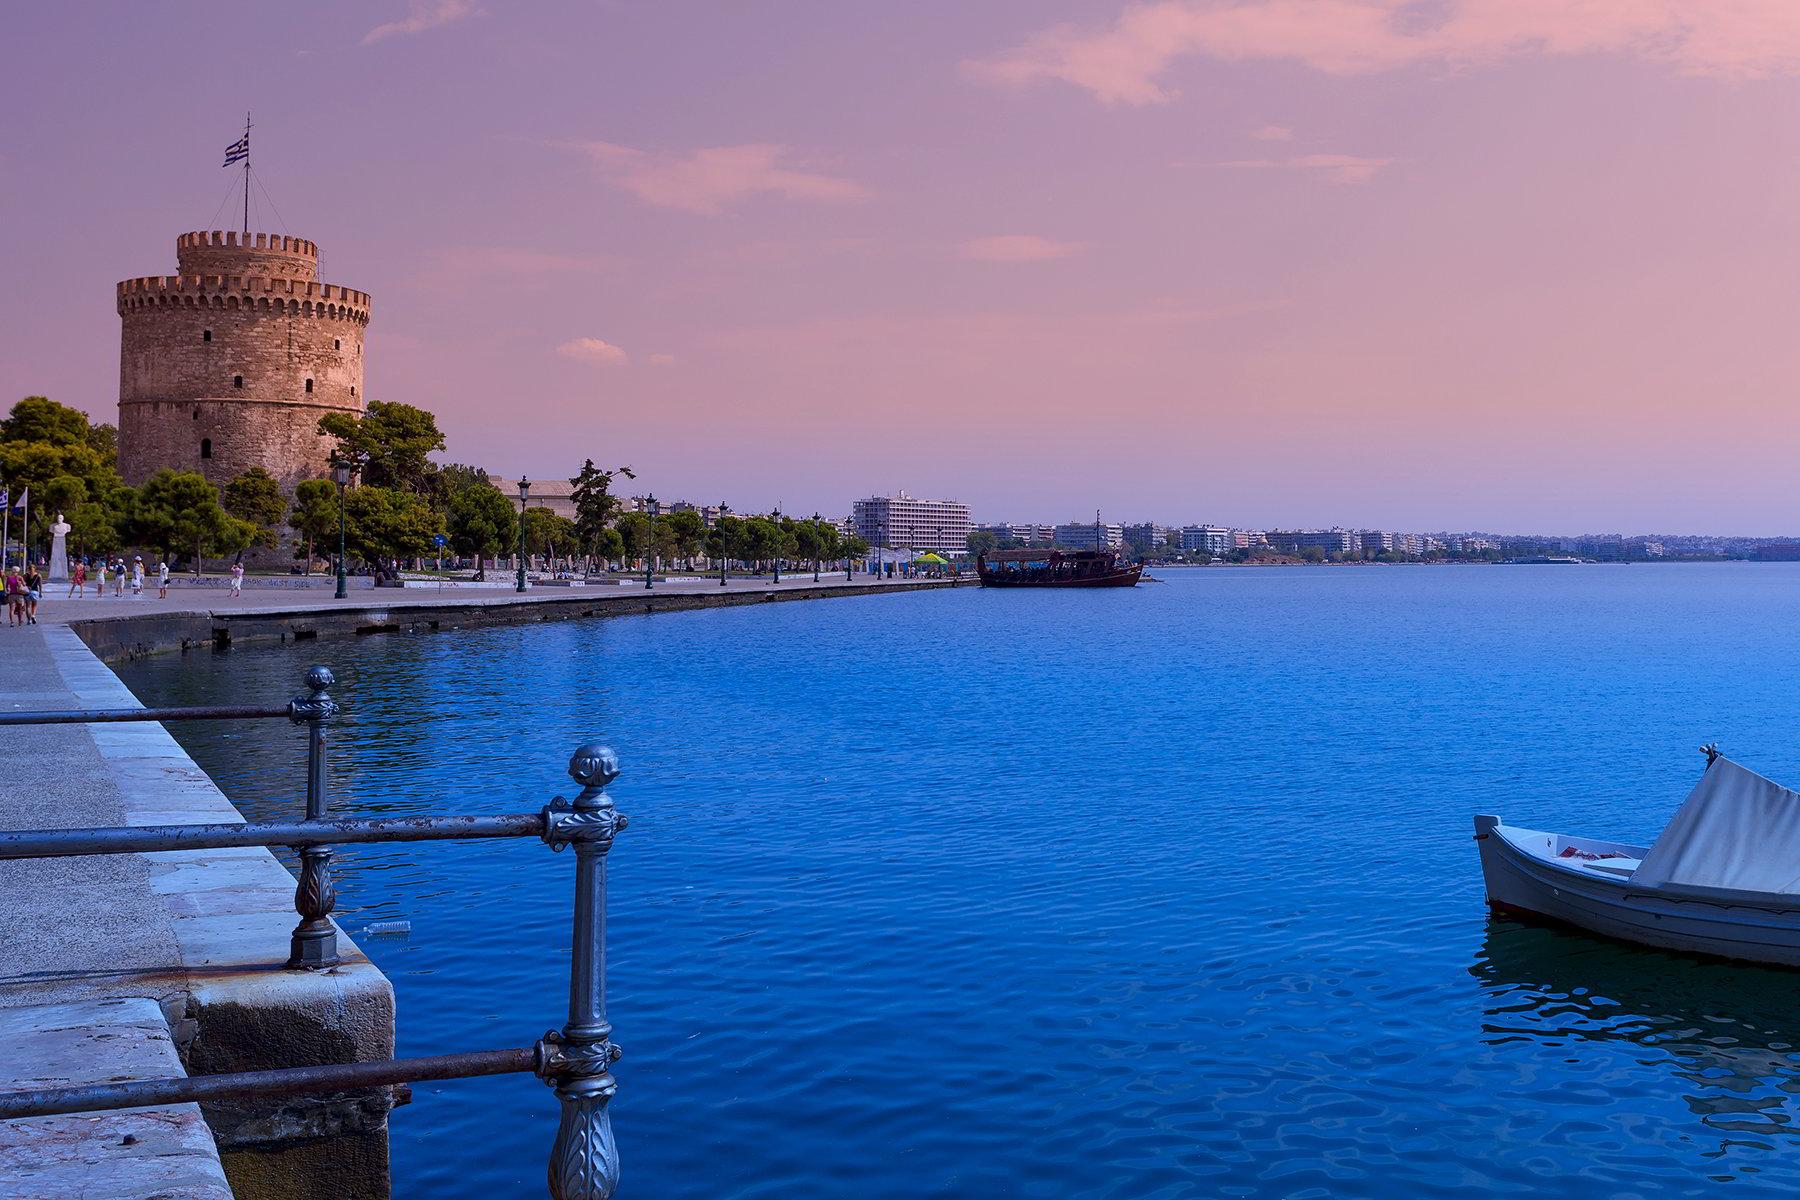 35bc185c5c44 Θεσσαλονίκη  H πιο γνωστή πόλη της Ελλάδας για τους Τούρκους Tour ...